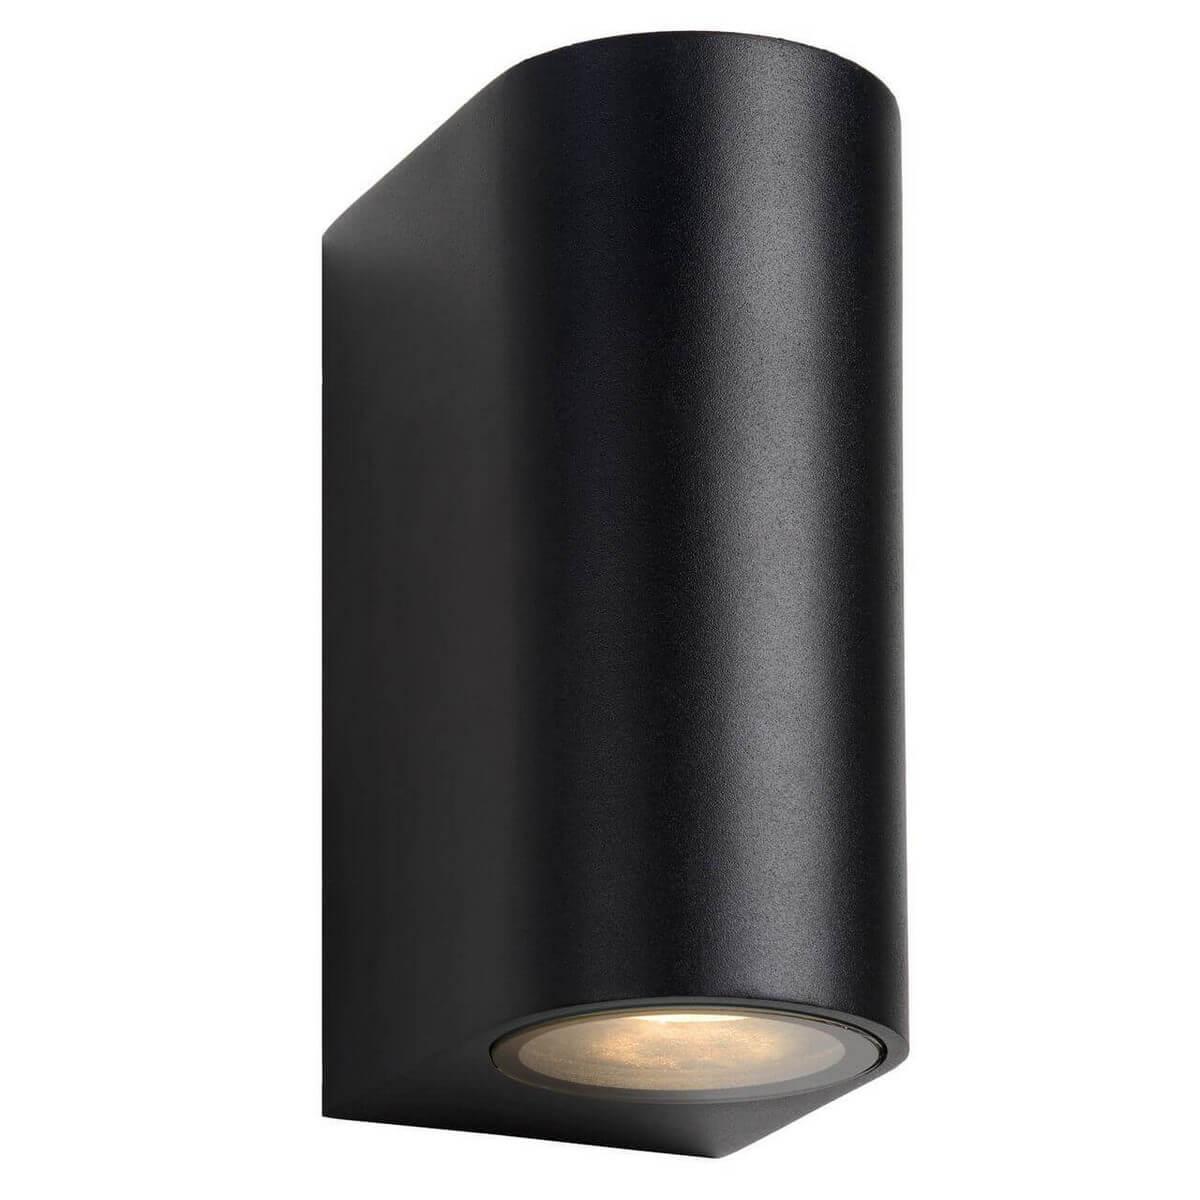 Уличный светильник Lucide 22861/10/30, GU10 lucide уличный настенный светодиодный светильник lucide hyro 27864 10 30